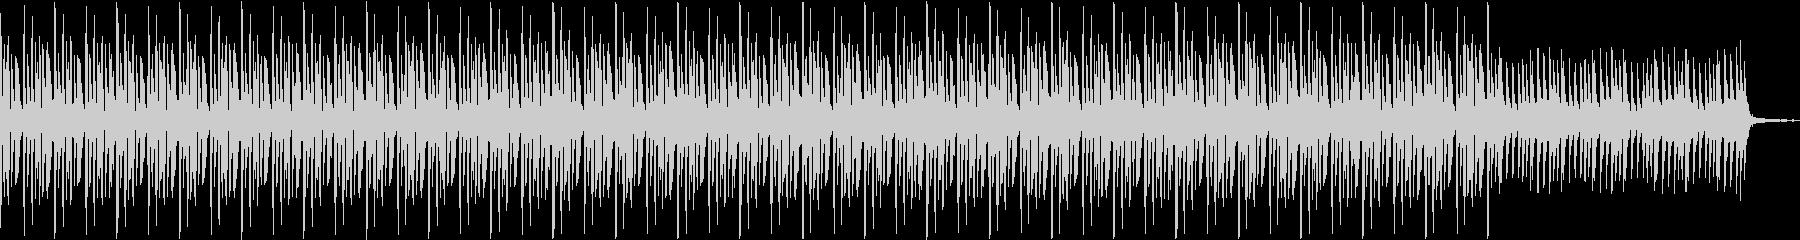 暗めのテクノ風楽曲:事件の報道のBGMの未再生の波形